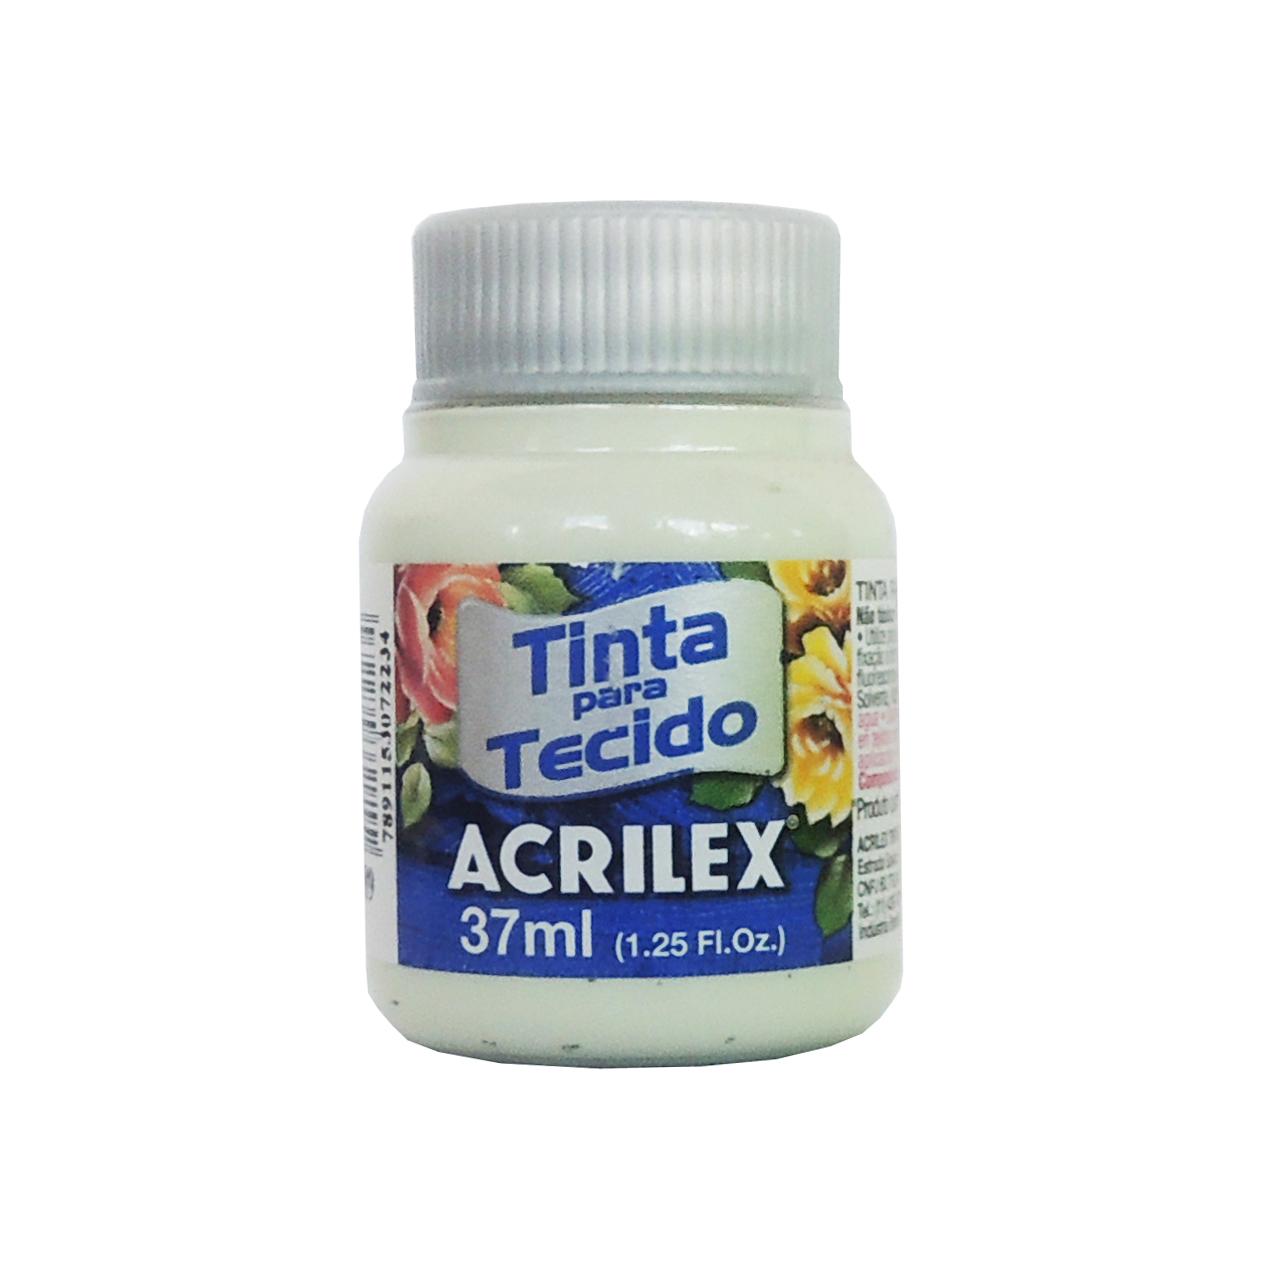 tinta-para-tecido-acrilex-37ml-989-erva-doce